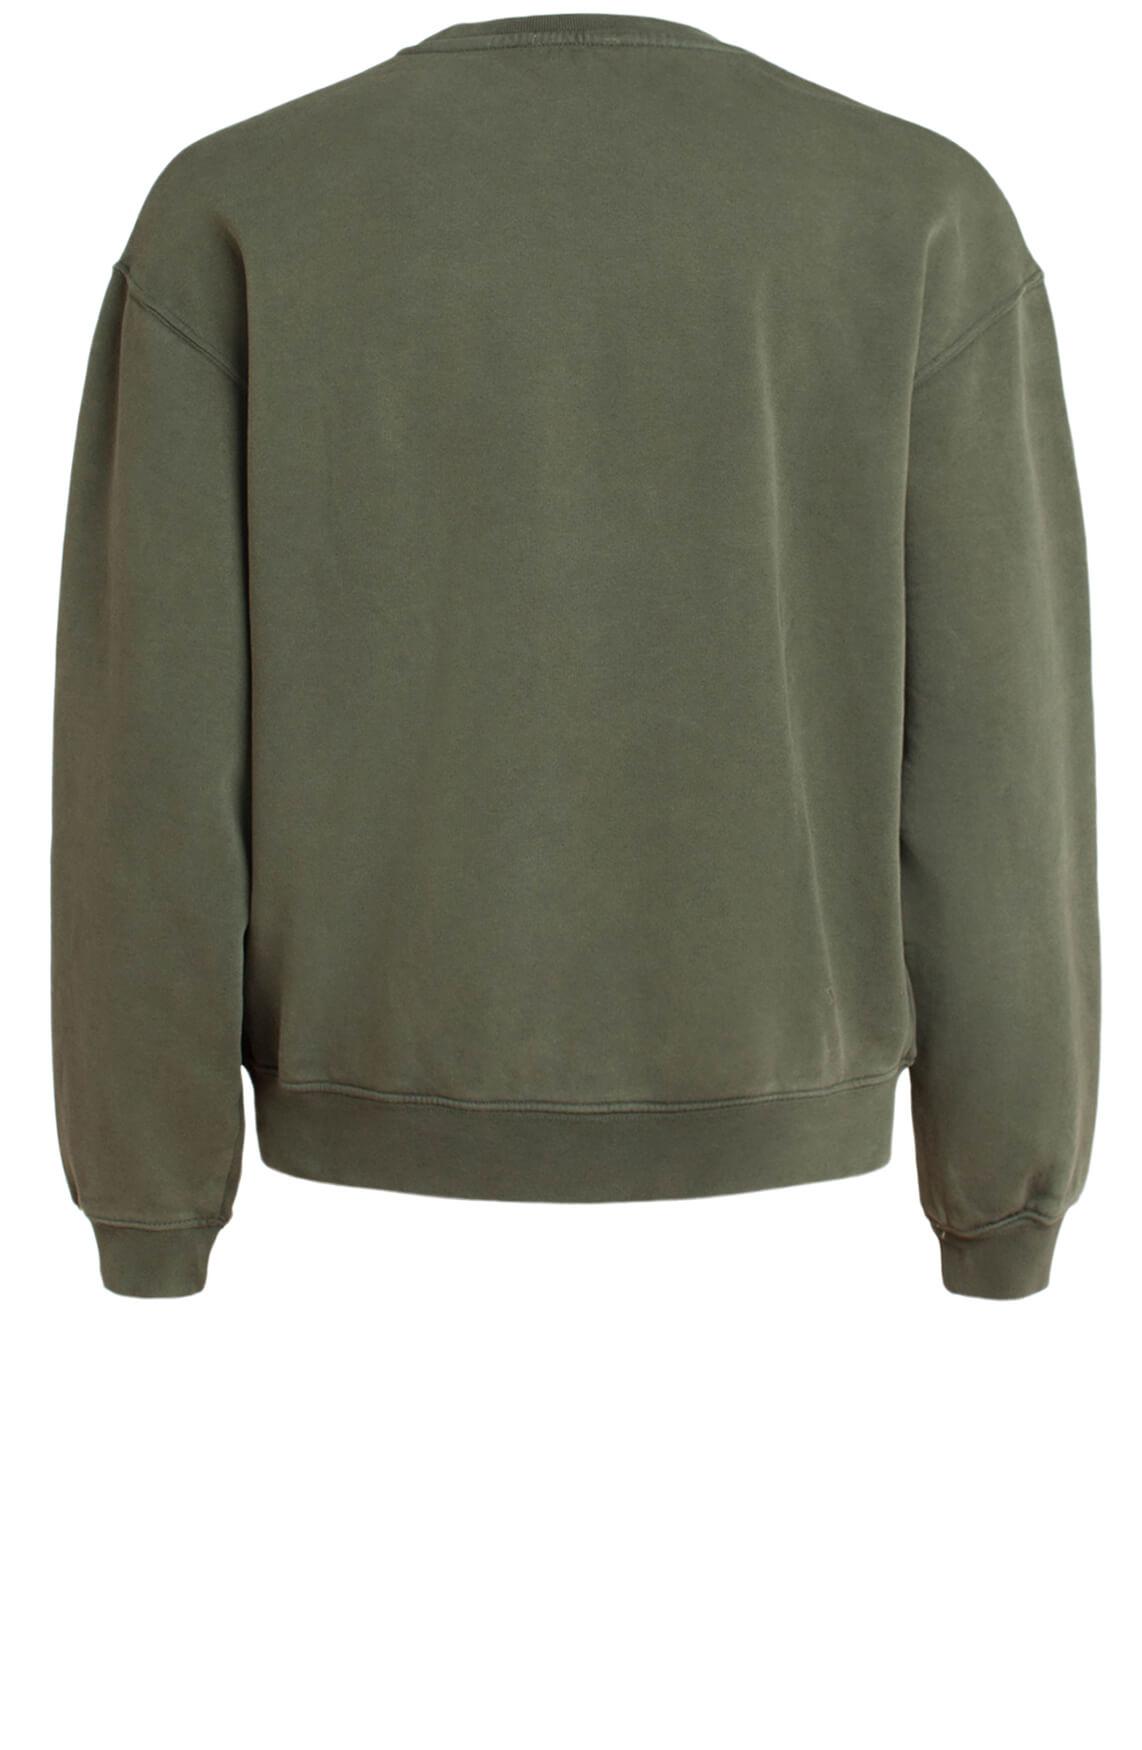 Alix The Label Dames Sweater met tekstopdruk groen